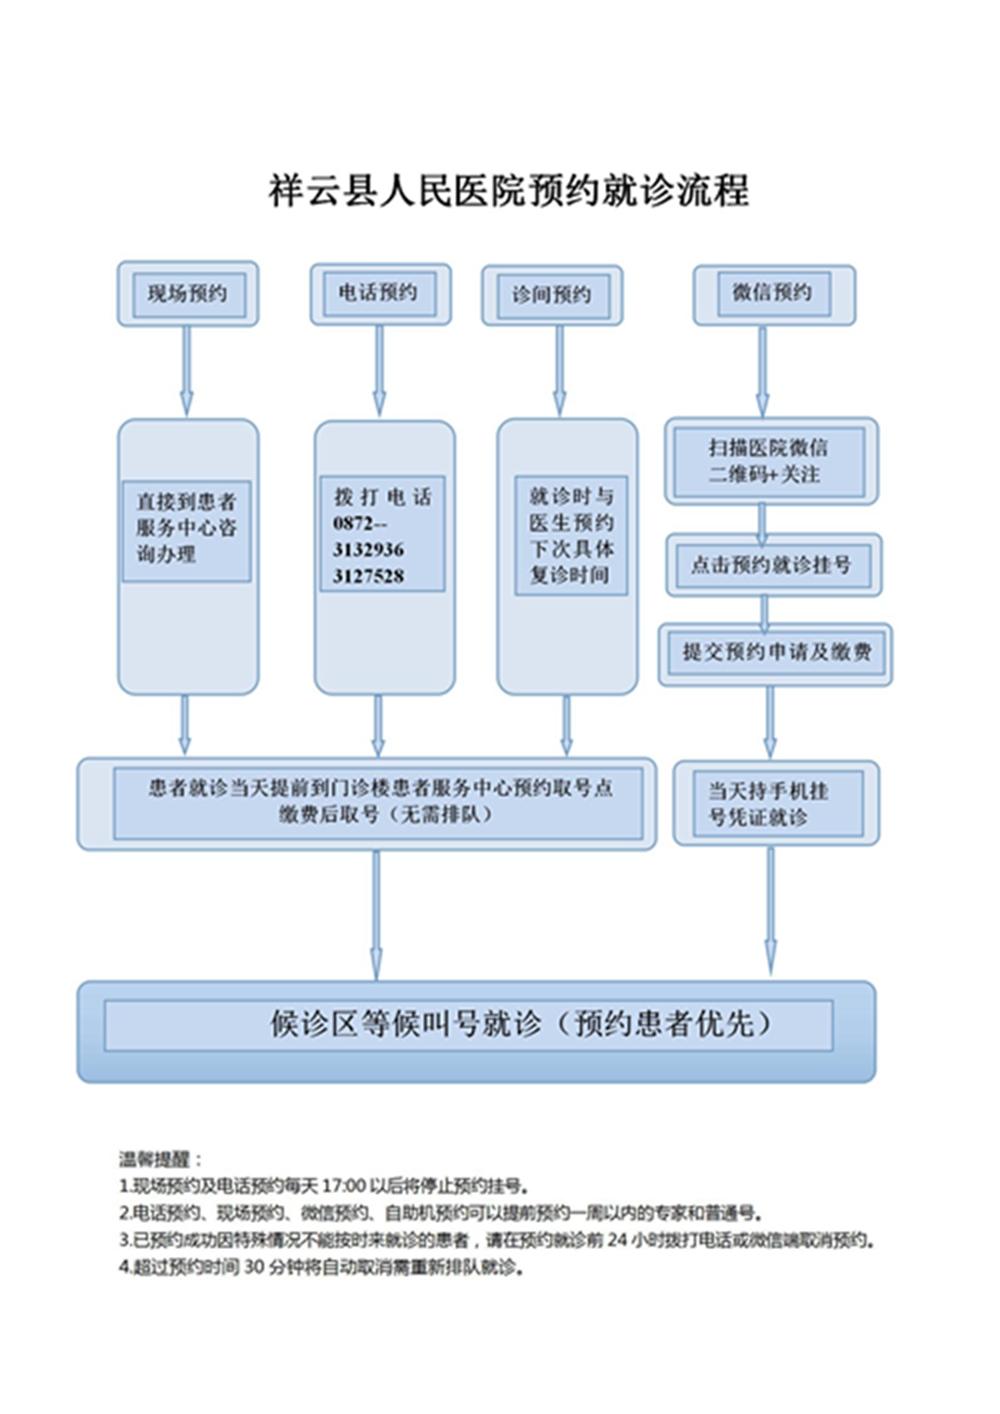 2019预约诊疗工作流程_01_副本_副本.jpg